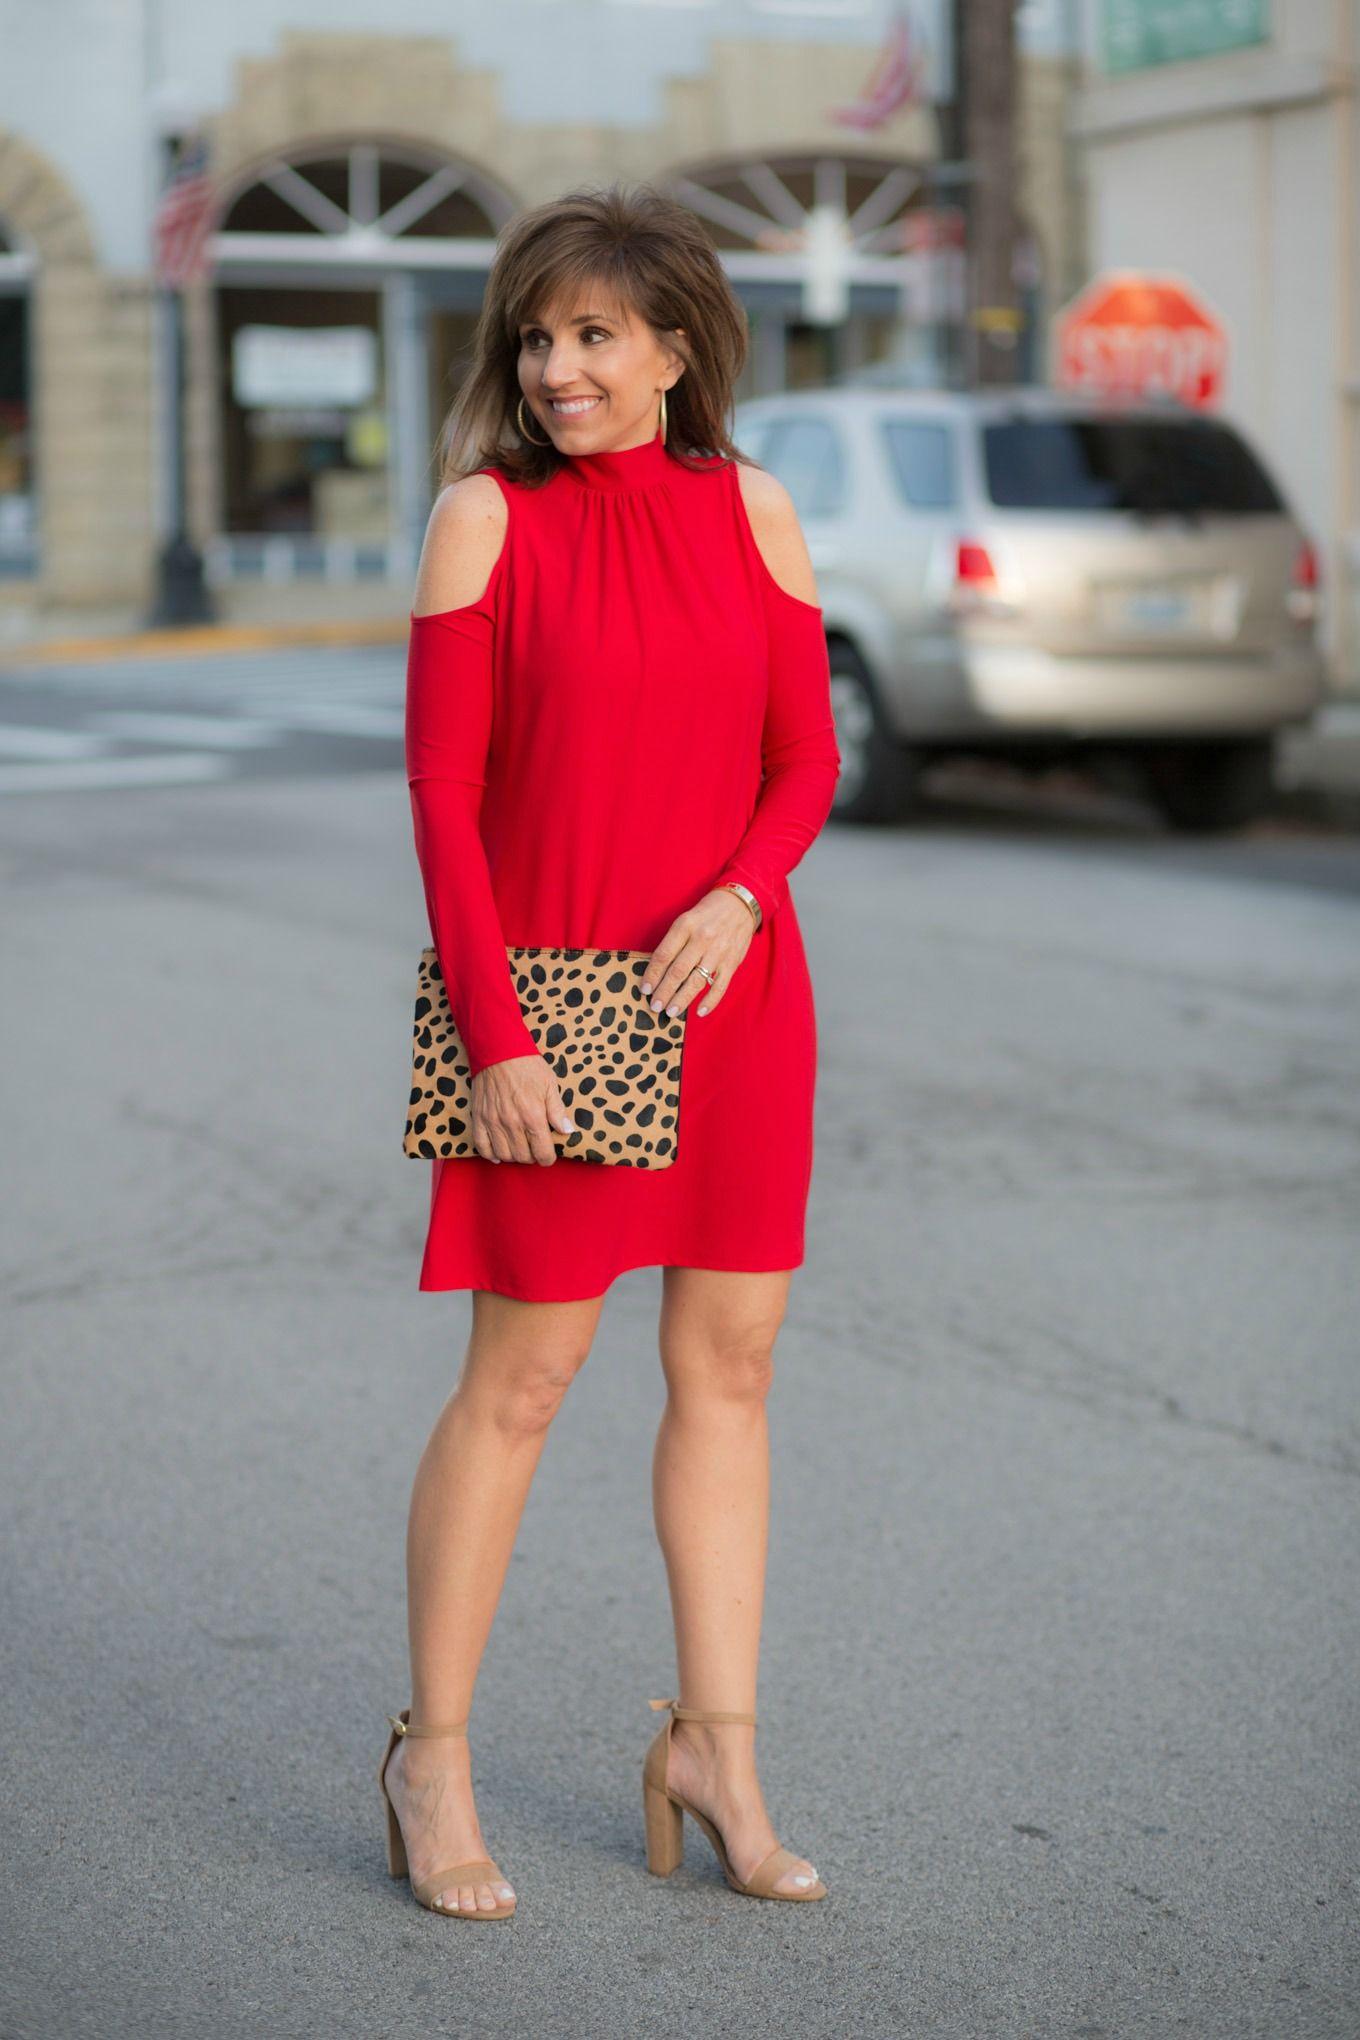 Cold Shoulder Dress Under 40 Block Heel Leopard Clutch Cyndi Spivey Cold Shoulder Dress Shoulder Dress Block Heels Outfit [ 2040 x 1360 Pixel ]